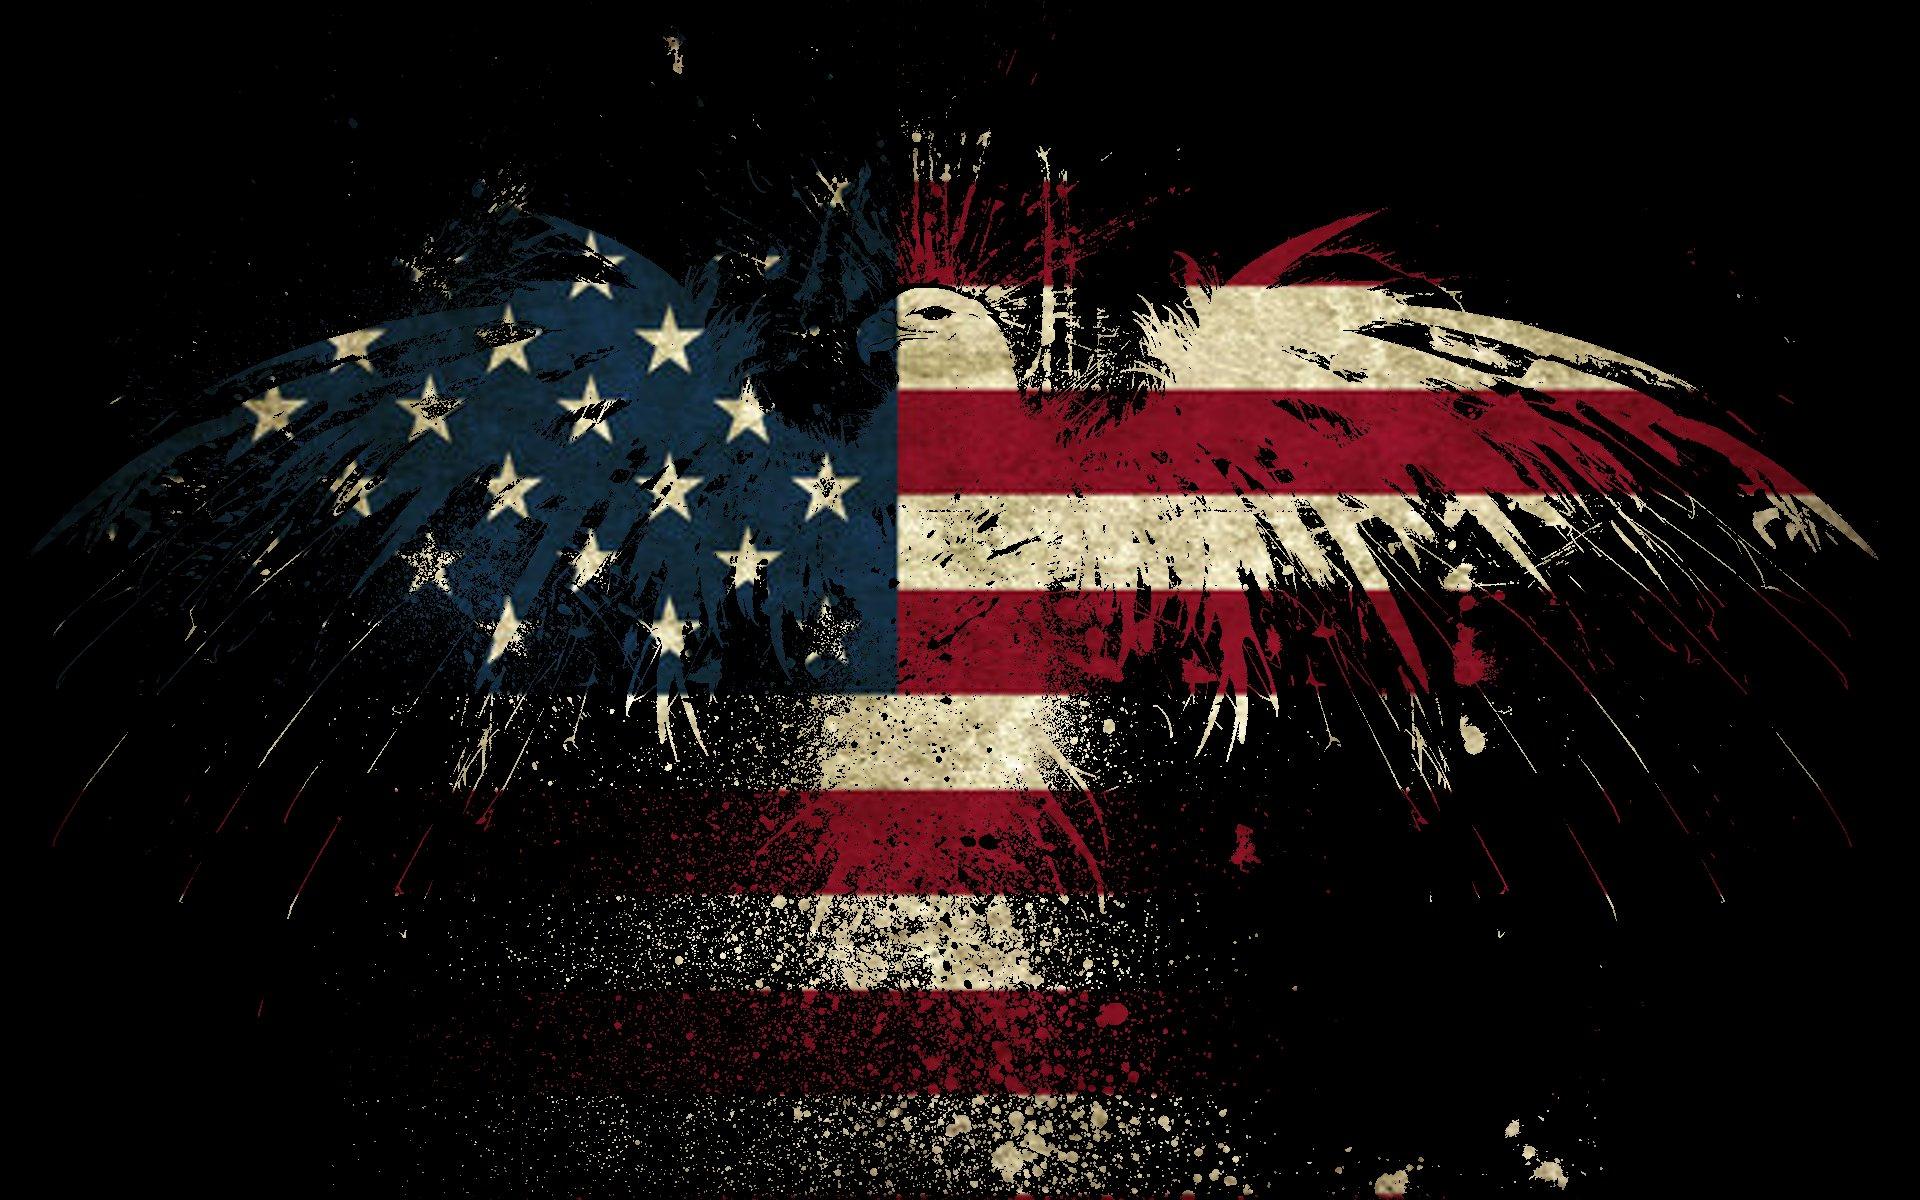 patriotic wallpaper 14886 1920x1200 px hdwallsourcecom